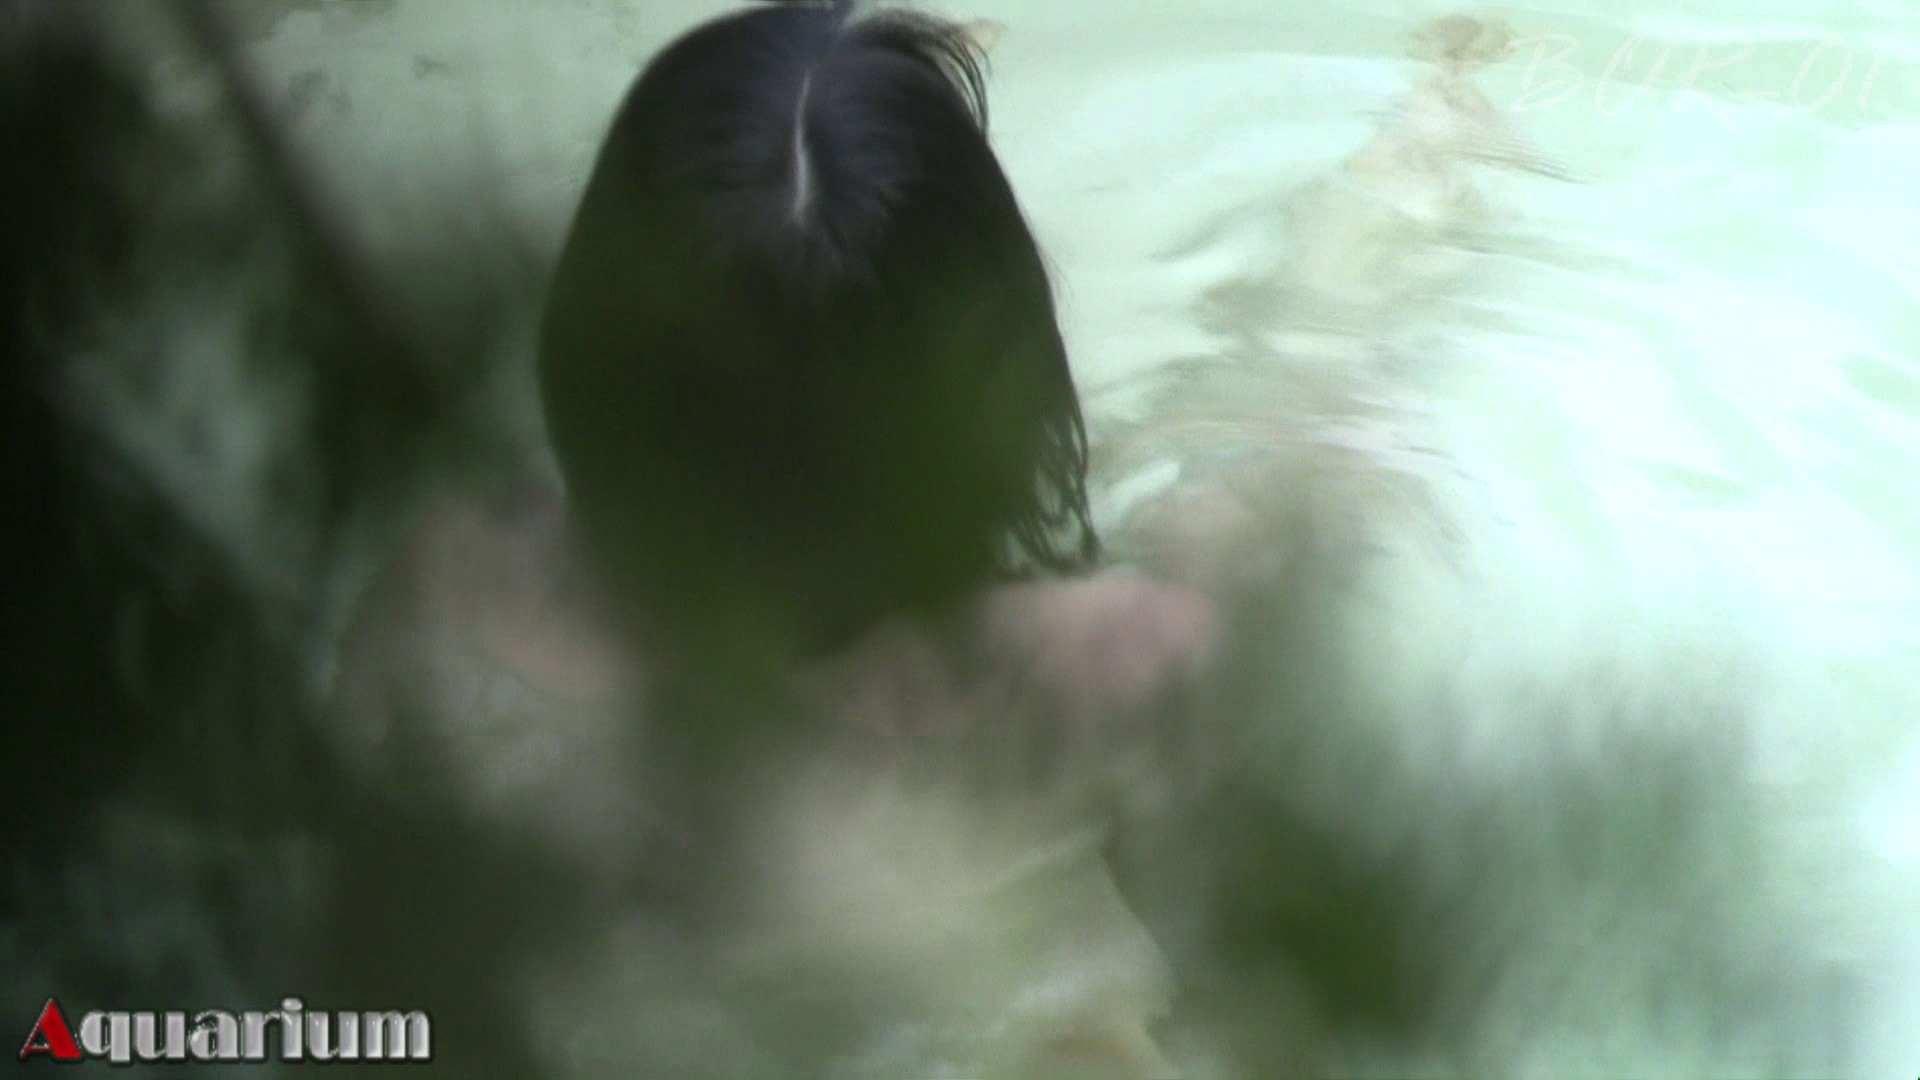 Aquaな露天風呂Vol.466 OLエロ画像 | 露天  93PICs 4